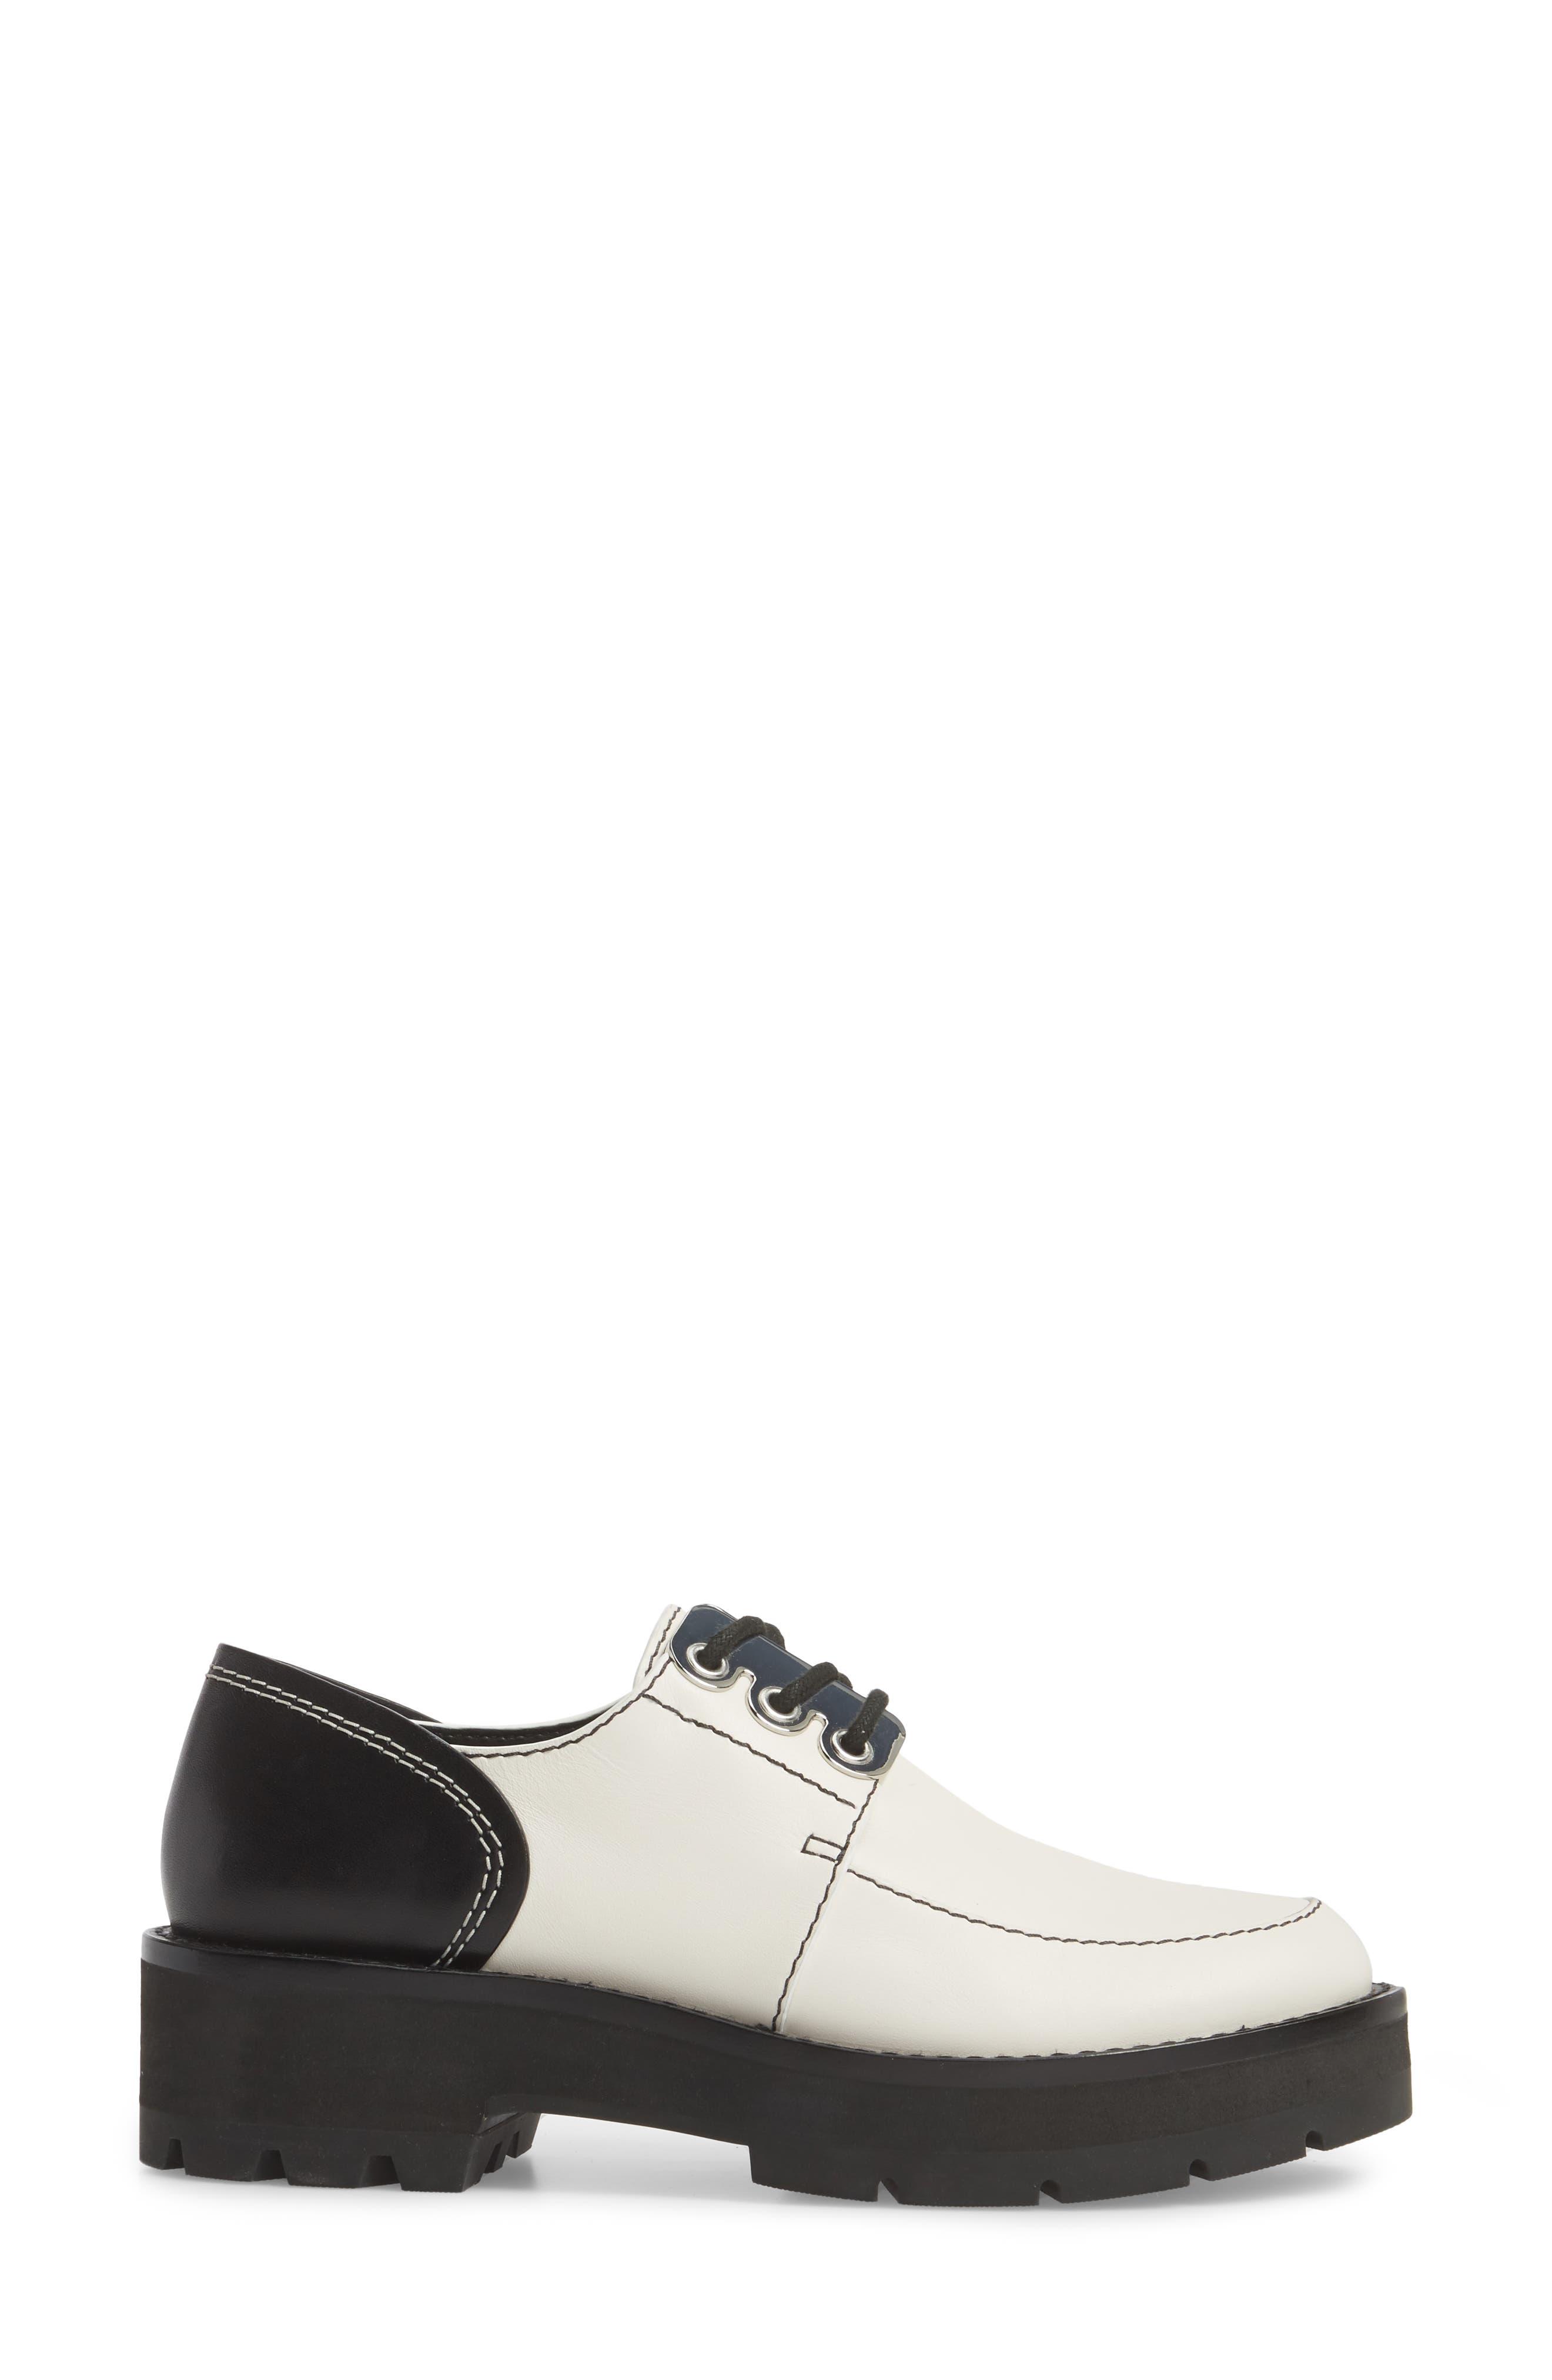 Cat Loafer,                             Alternate thumbnail 3, color,                             White-Black